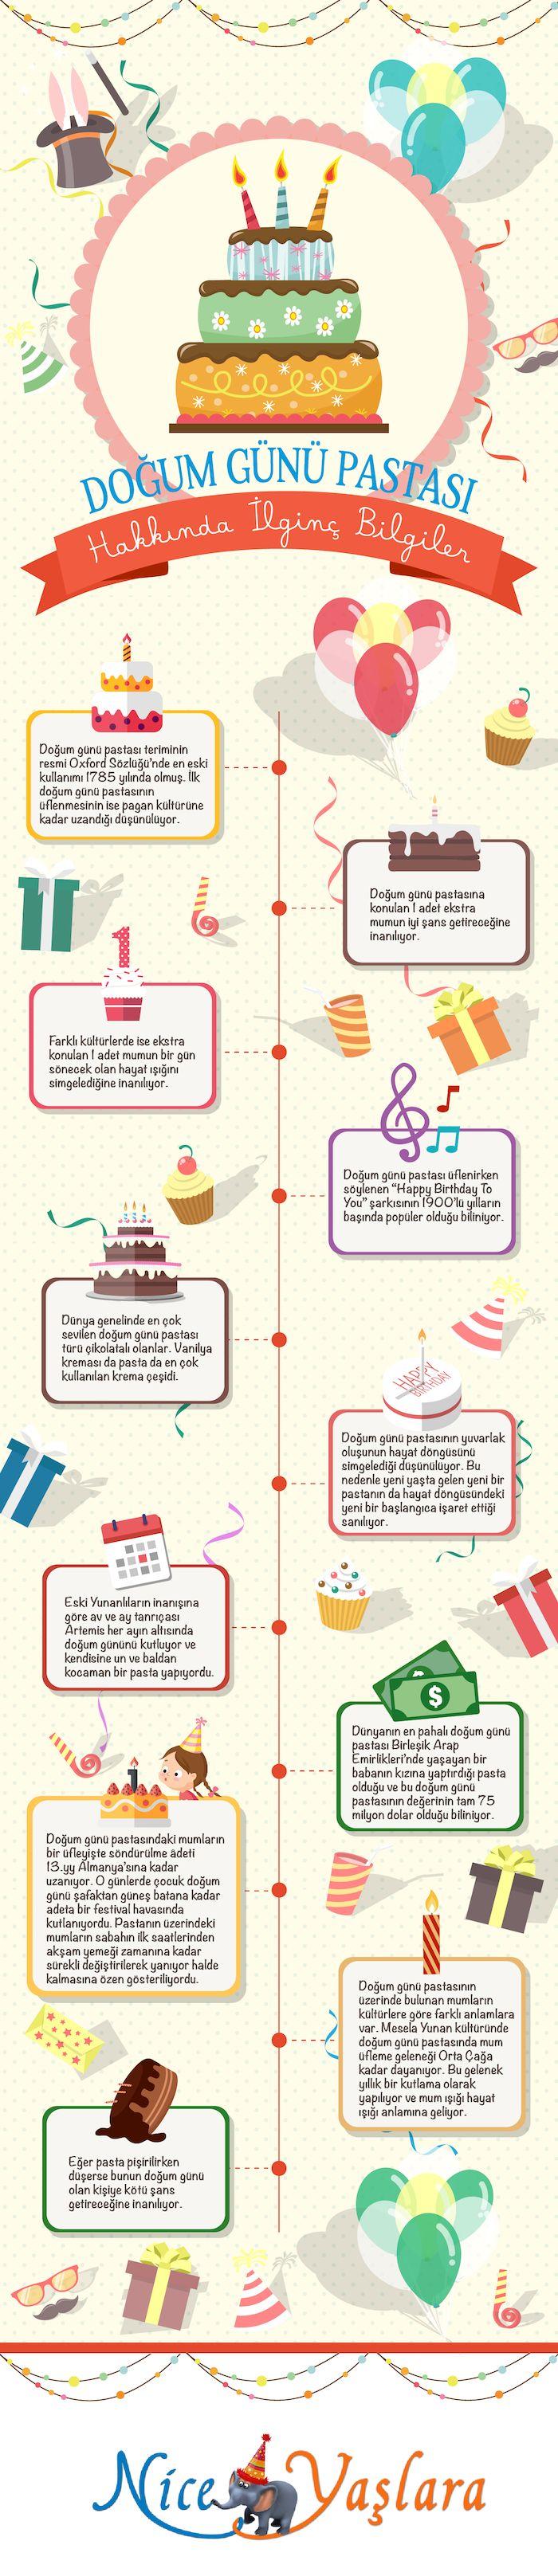 Doğum Günü Hakkında Bilinmeyenler - Blog | Nice Yaşlara